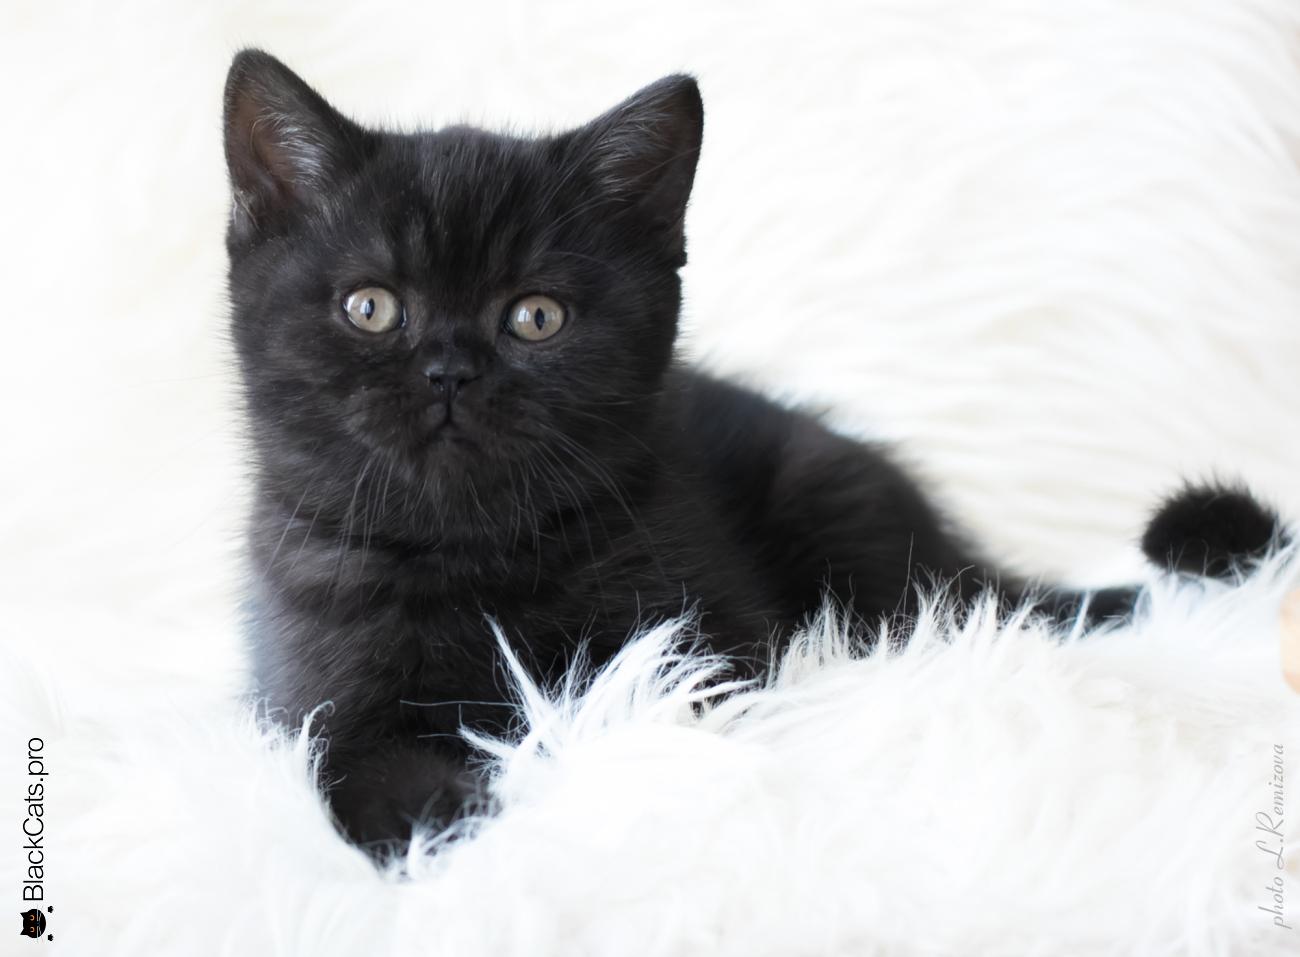 черная британская кошка 2 месяца. Питомник Jetstone